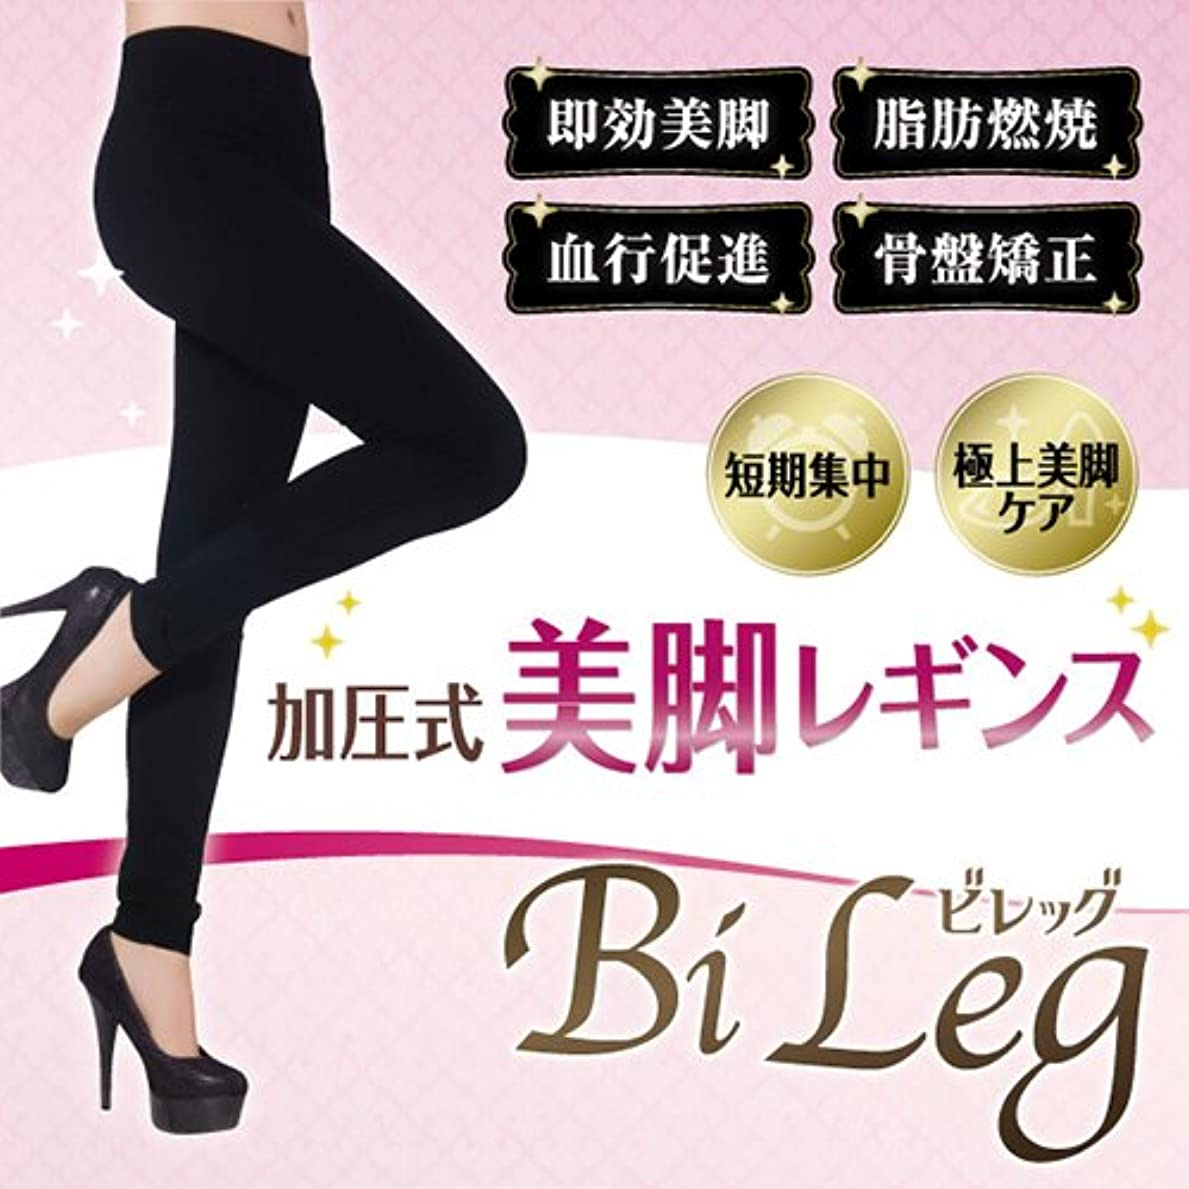 スイマルクス主義者酸【単品】Bi Leg-ビレッグ-